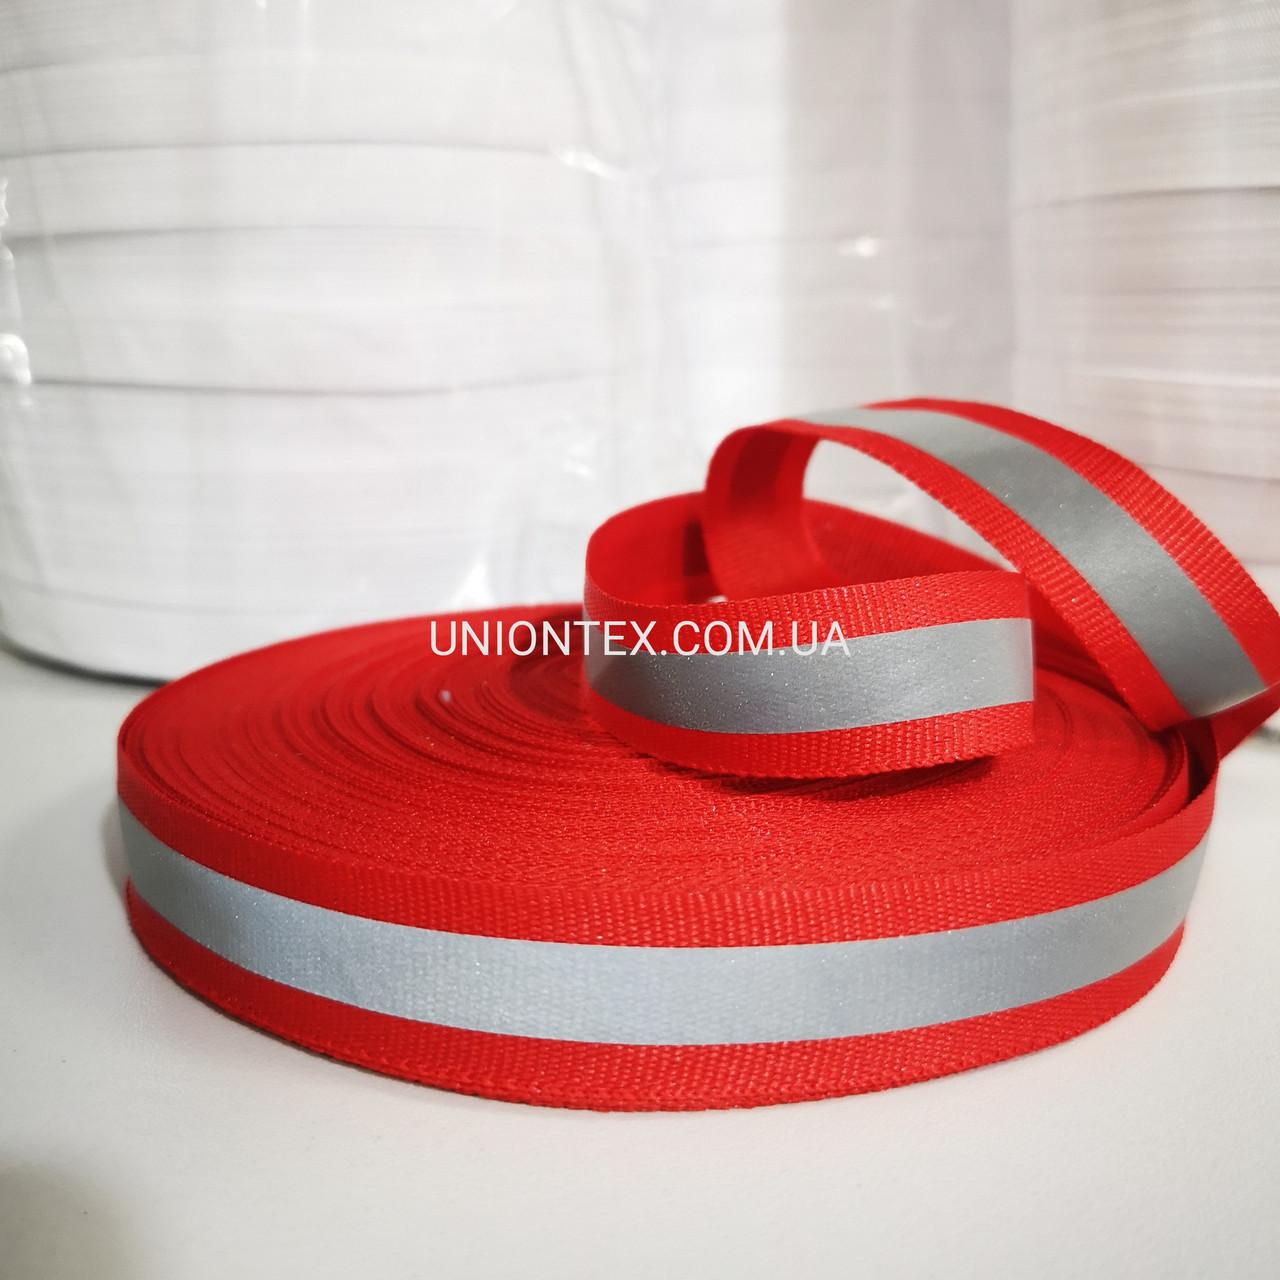 Тесьма светоотражающая красная 2 см